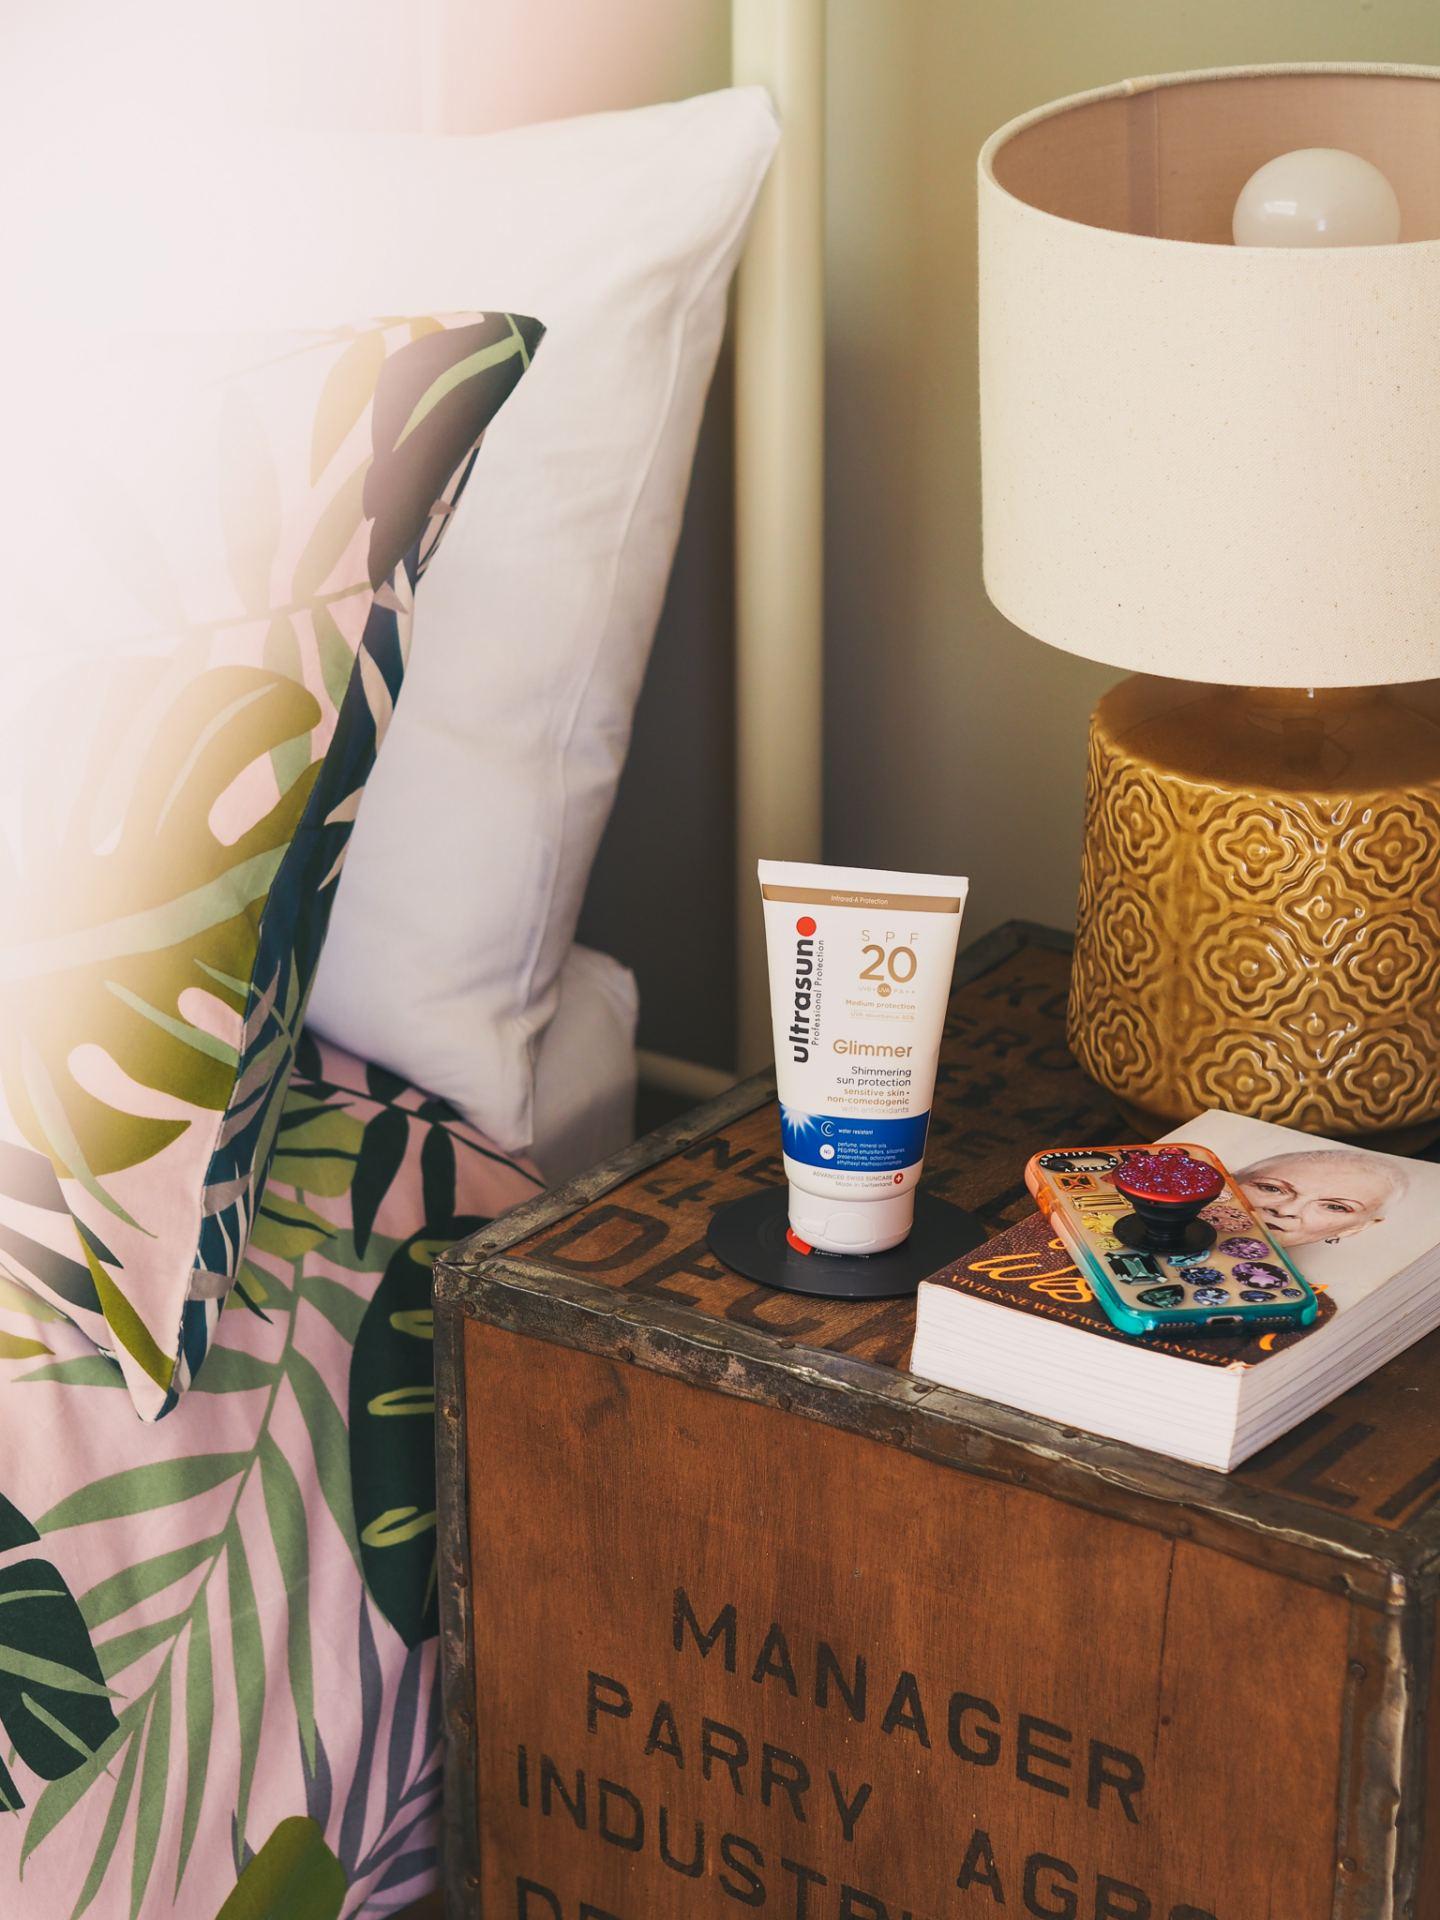 UltraSun Sun Creamspf 20 glimmer cream